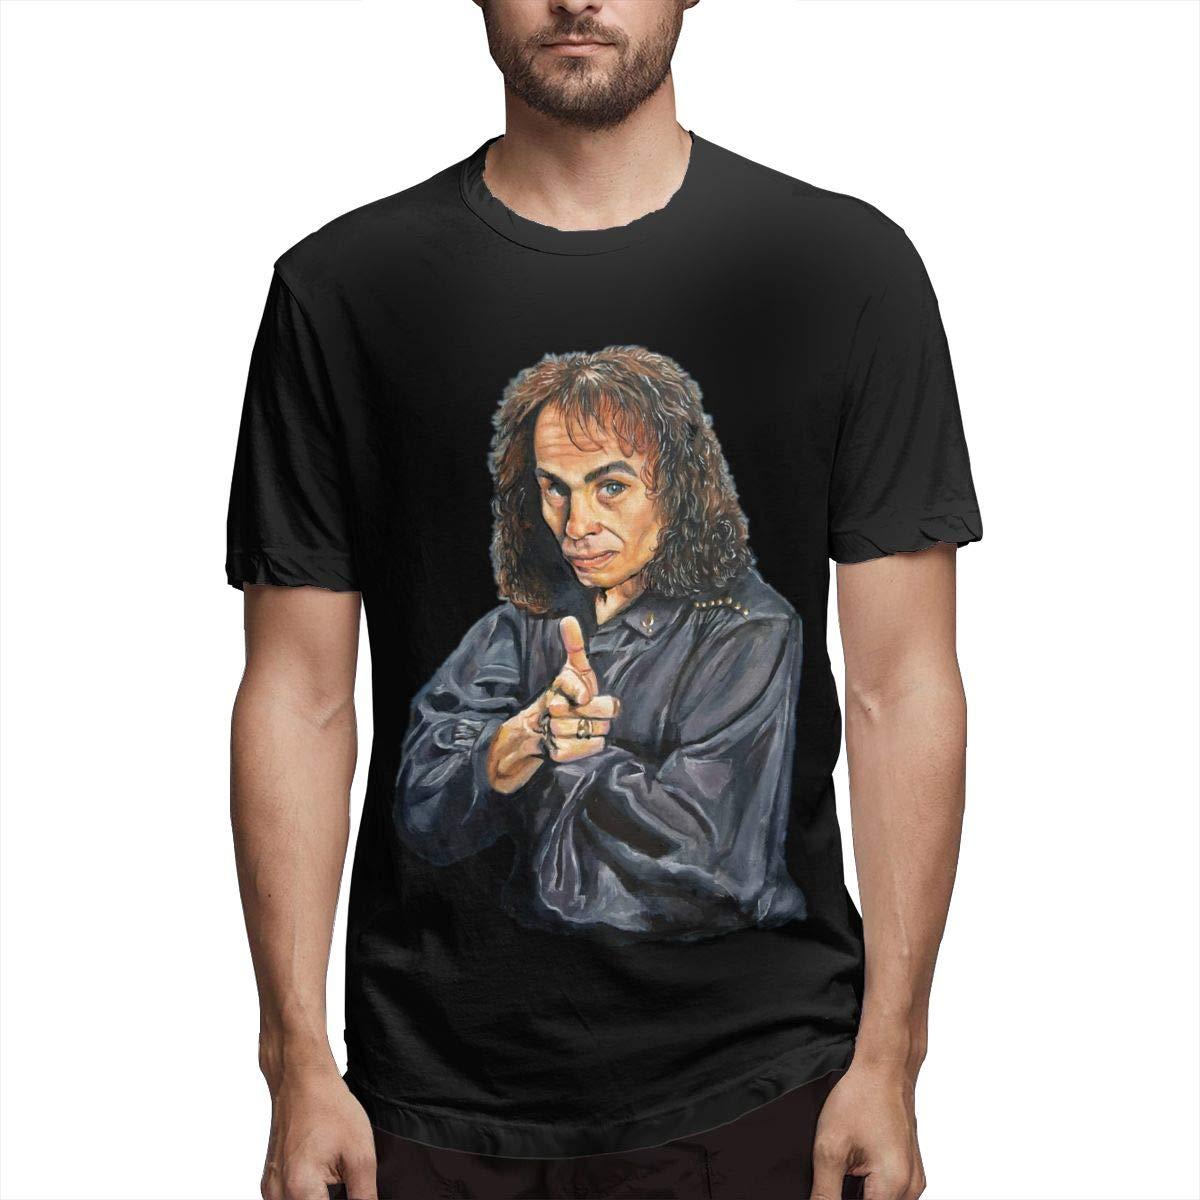 Lihehen Man Ronnie James Dio Fashion Leisure Round Neck T Shirt